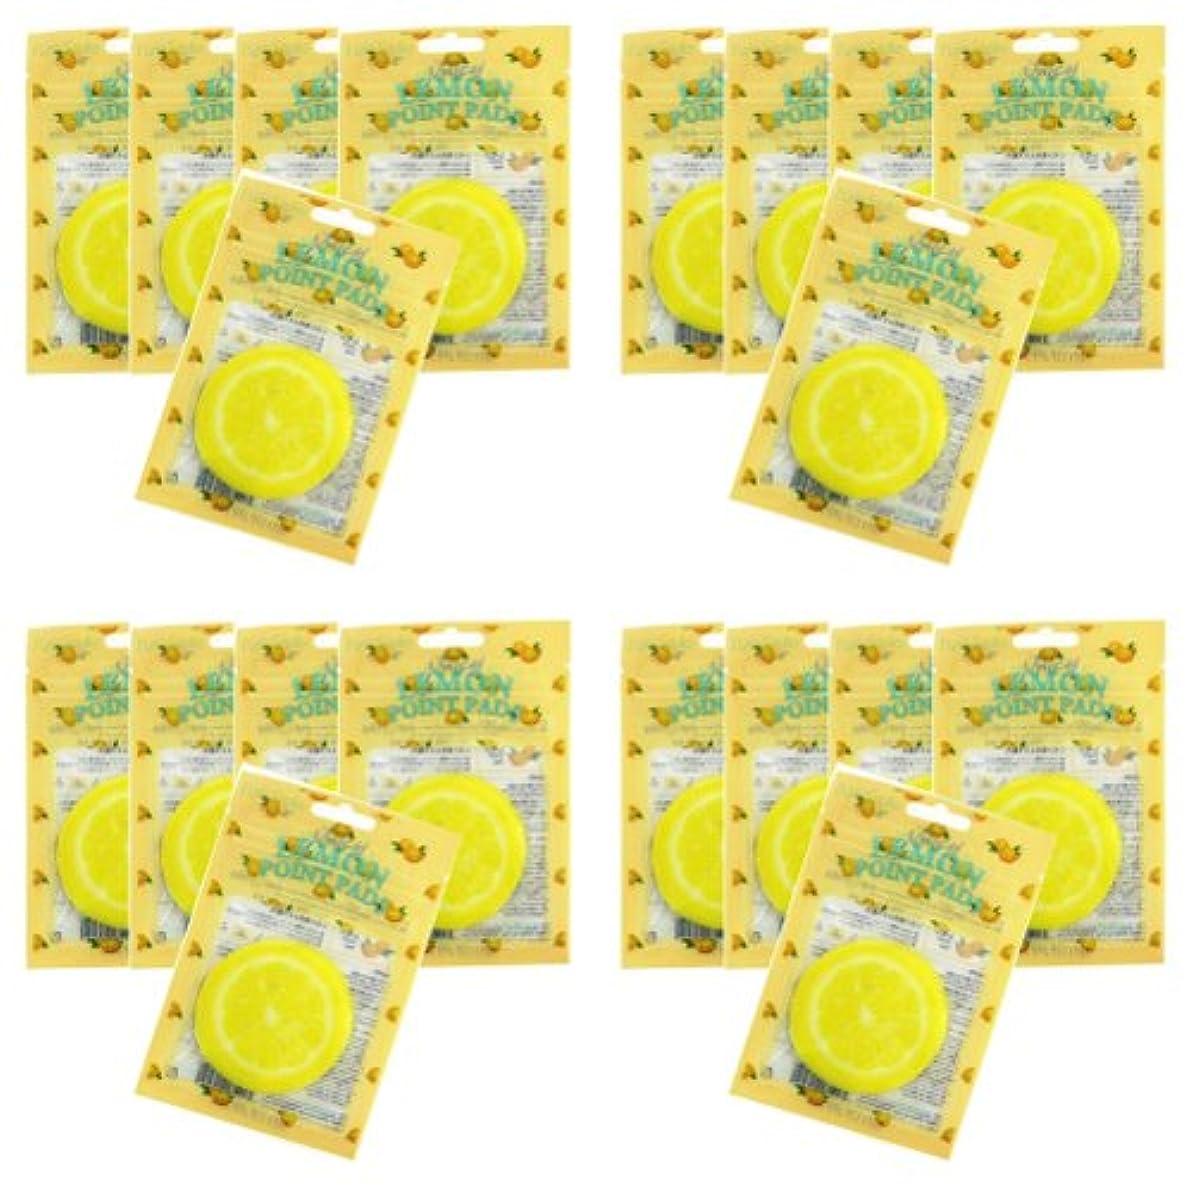 寝室添加剤標高ピュアスマイル ジューシーポイントパッド レモン20パックセット(1パック10枚入 合計200枚)